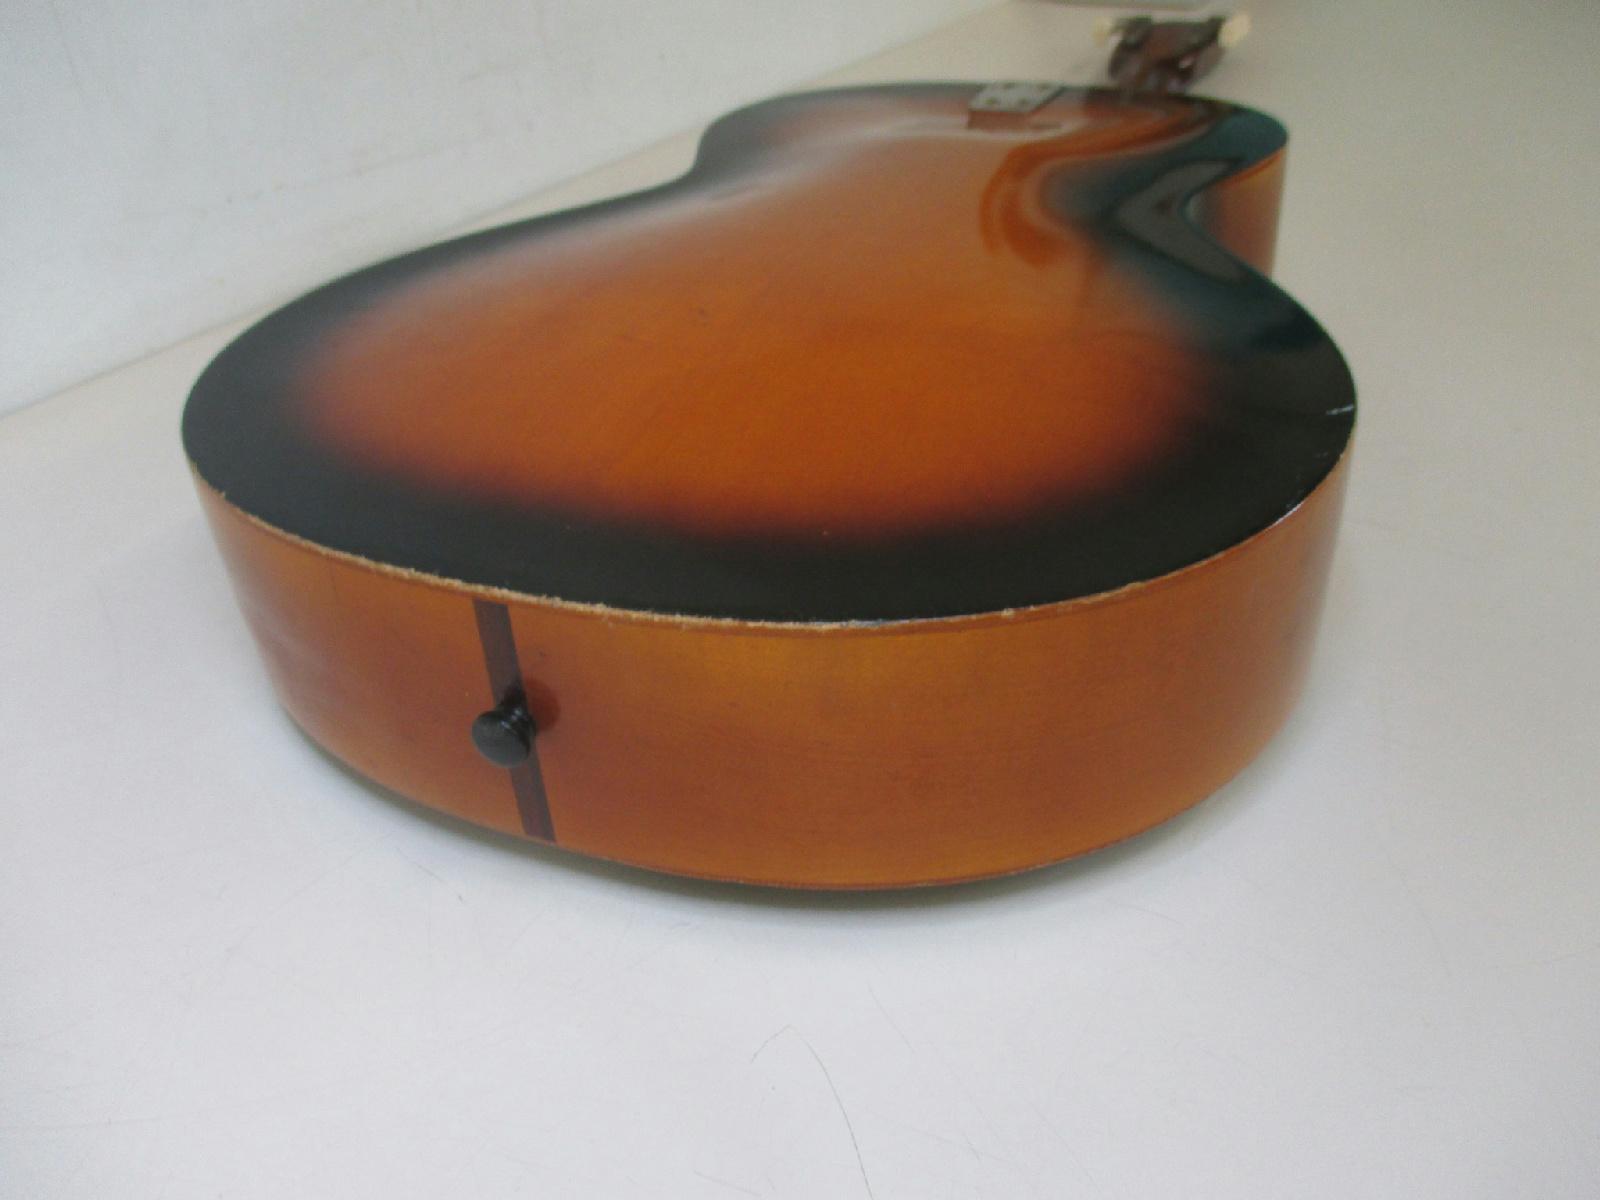 Framus amateur acoustic guitar